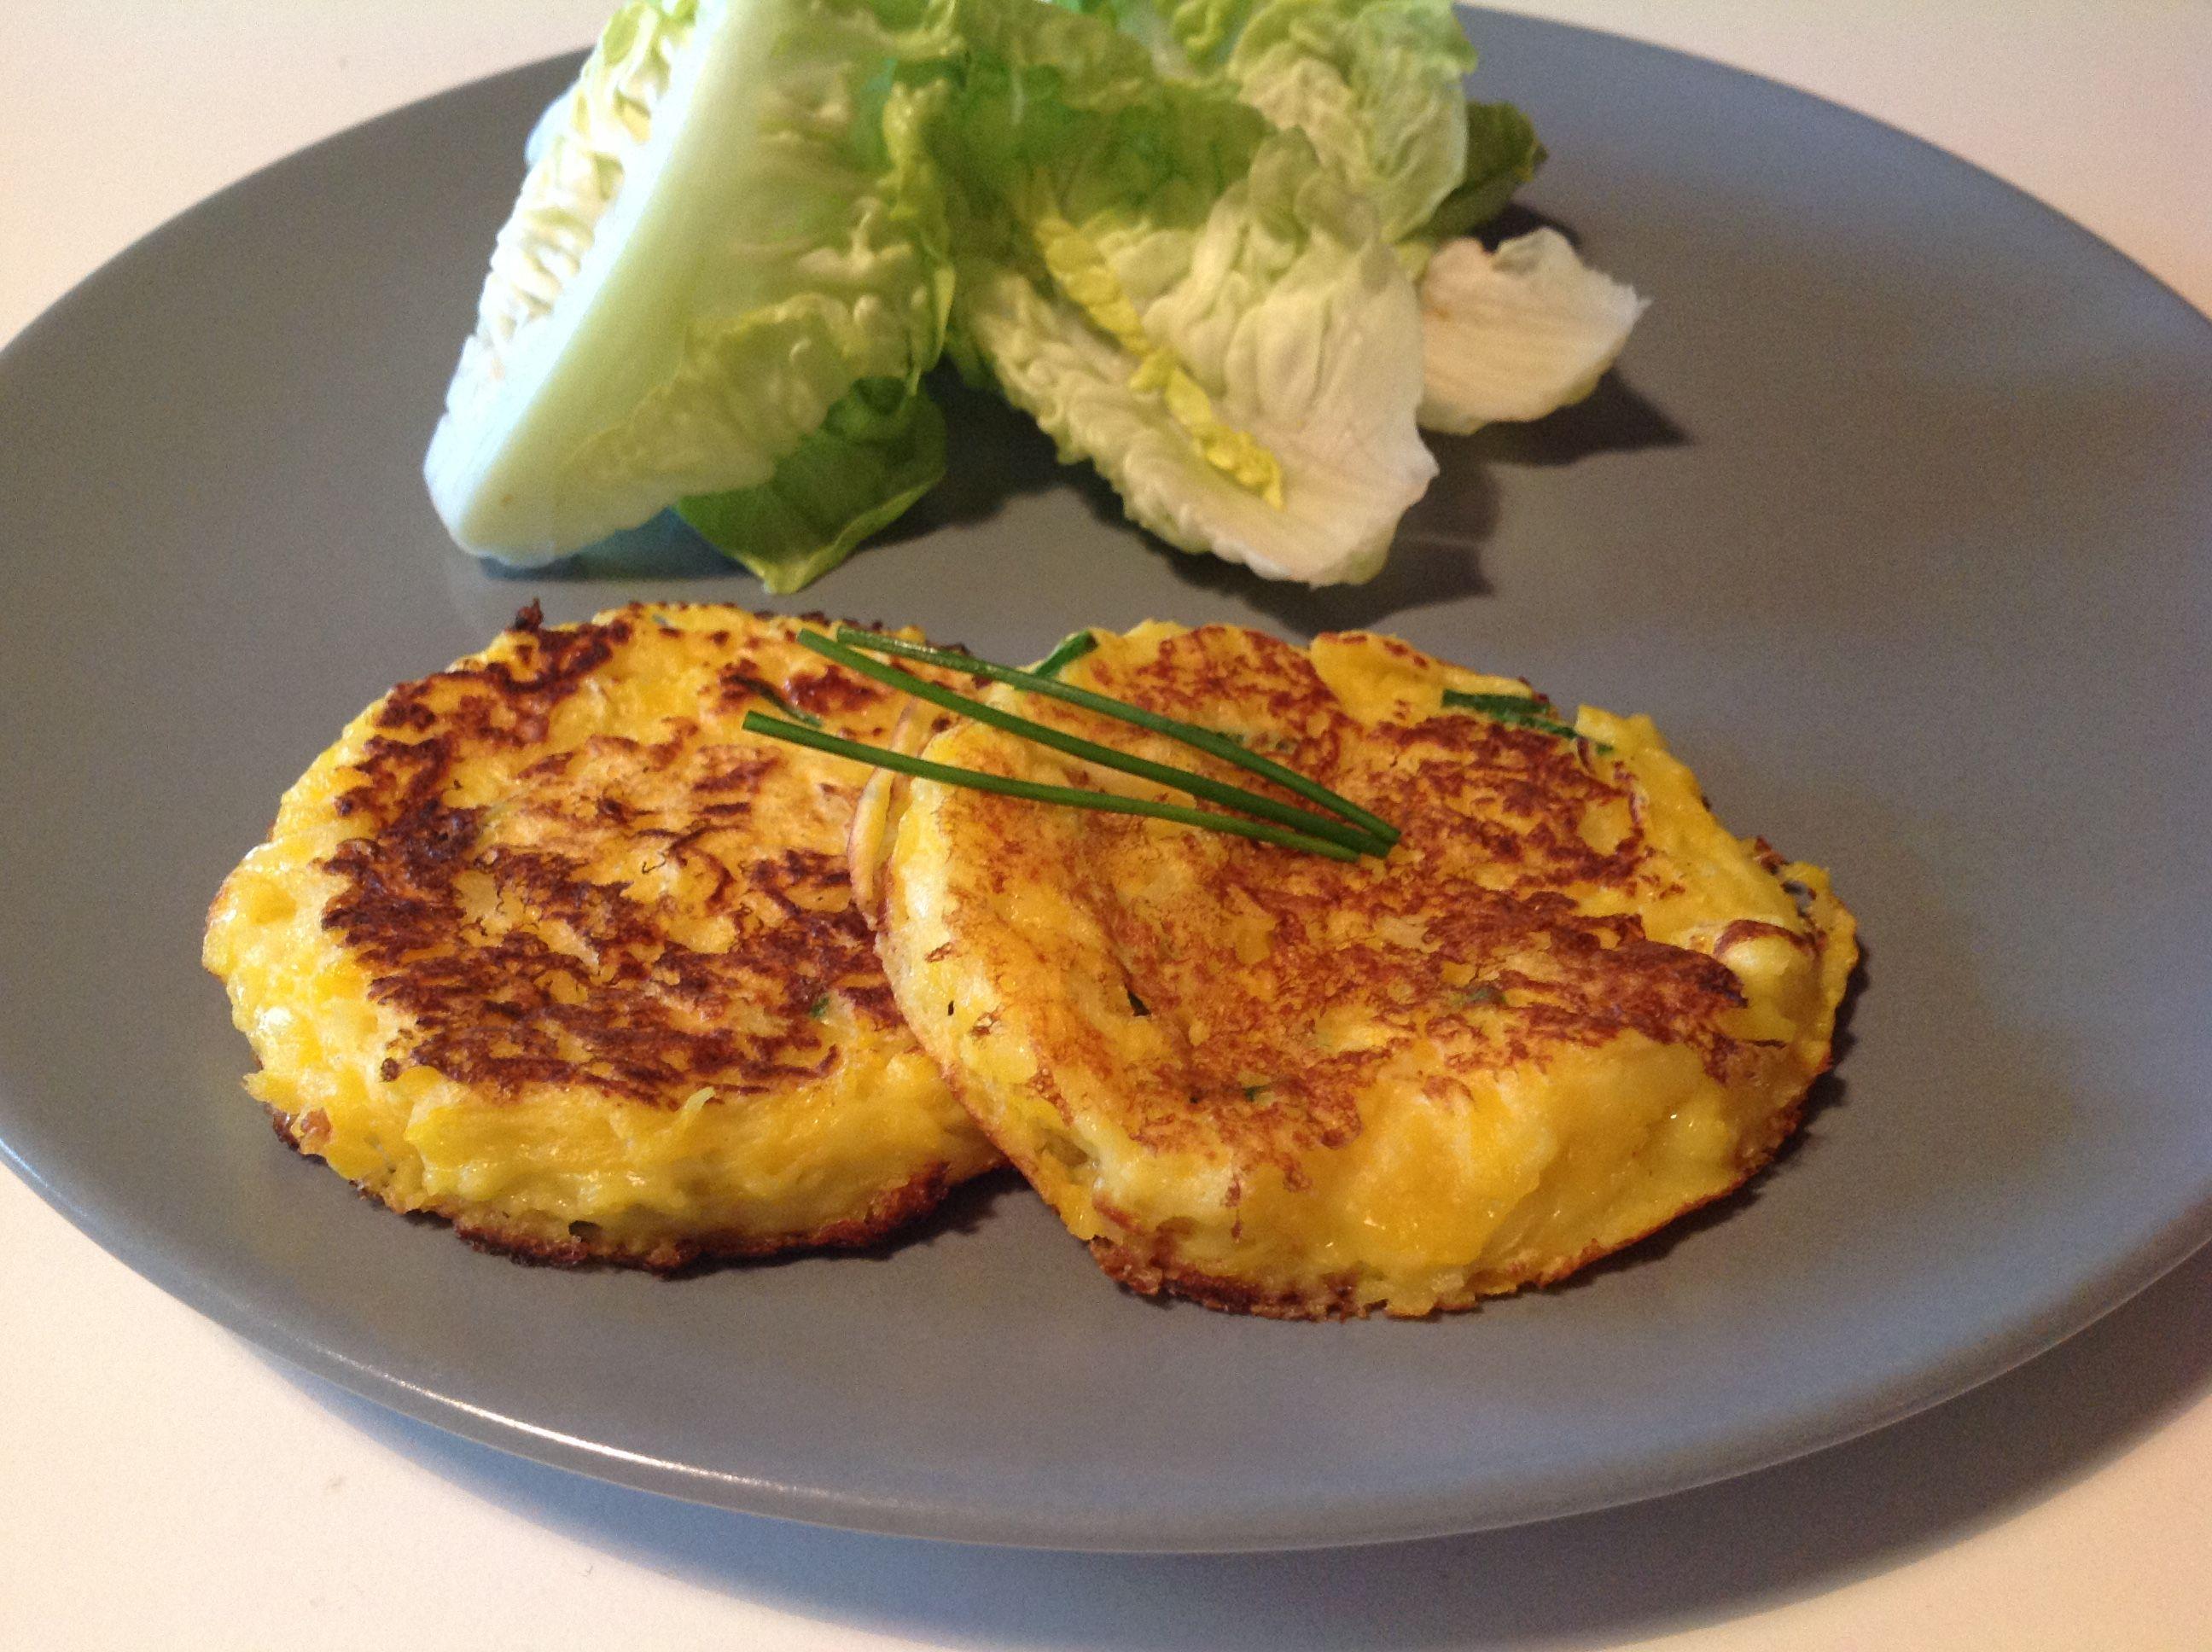 râpés de potiron | recette | recette cooking chef, espace recettes